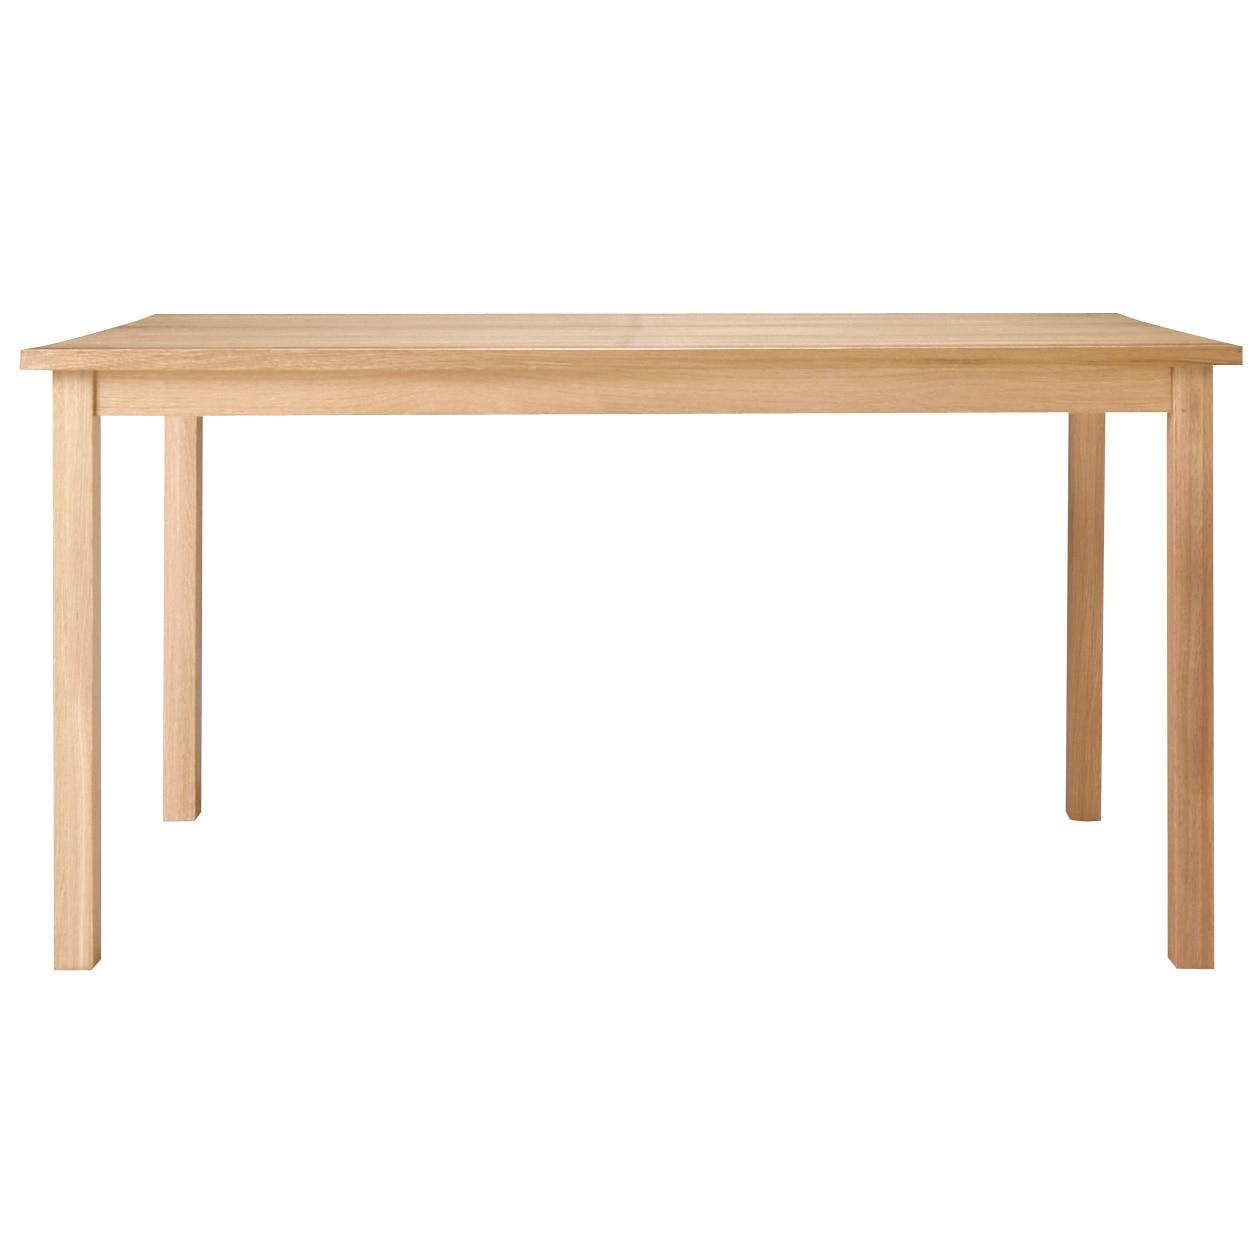 無垢材テーブル・オーク材・幅140cm